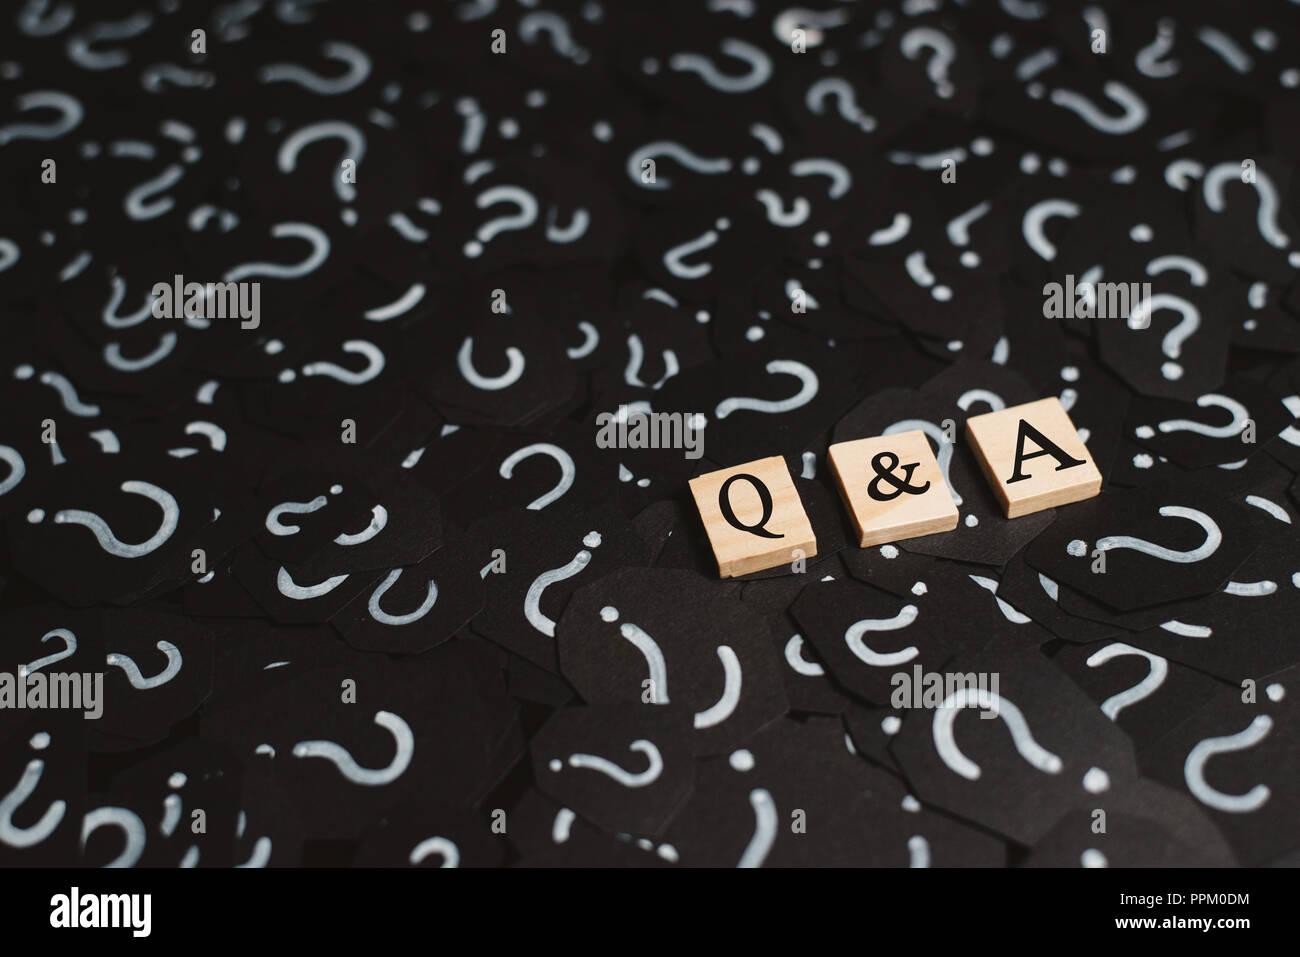 Alphabet aus Holz Fliesen mit Q&A Buchstaben auf schwarzem Papier mit Fragezeichen. Konzept von Frage und Antwort Q&A online unterstützen. Stockbild